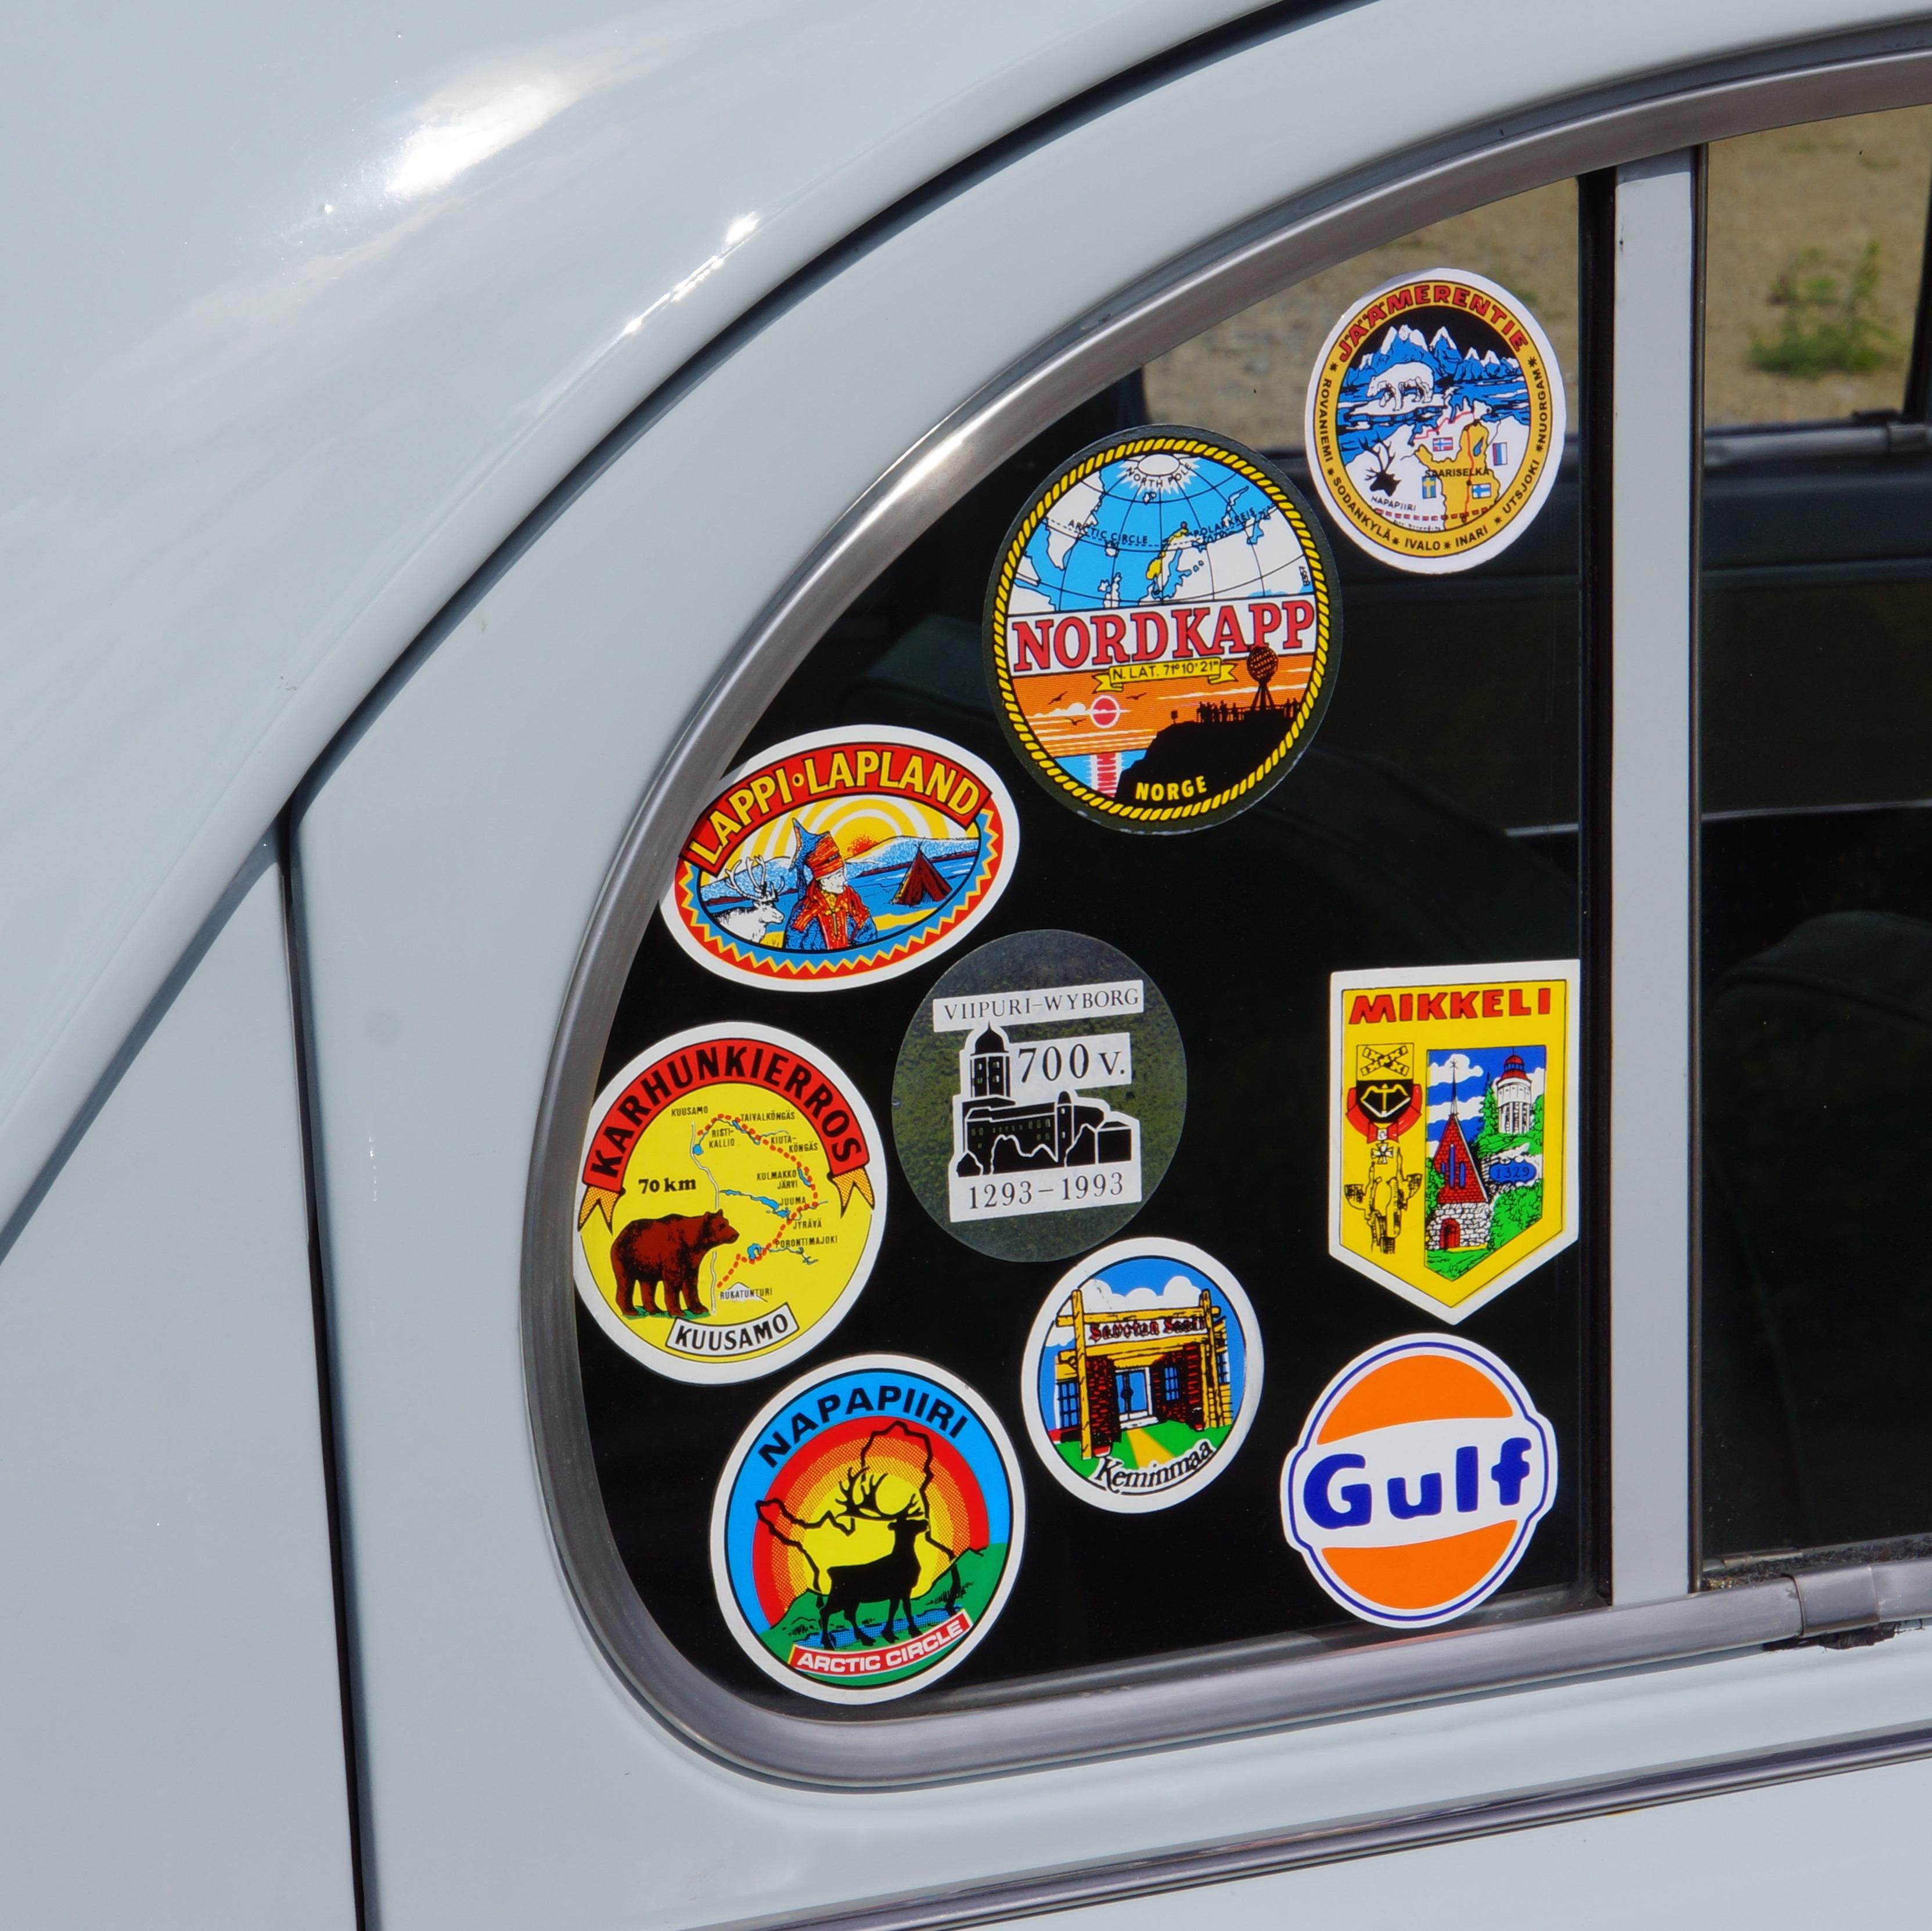 Gratis Afbeeldingen Wiel Venster Glas Aantal Toerisme Sticker Karakter Voertuig Bewegwijzering Kunst Souvenir Autoruit Lijm Automotive Exterior